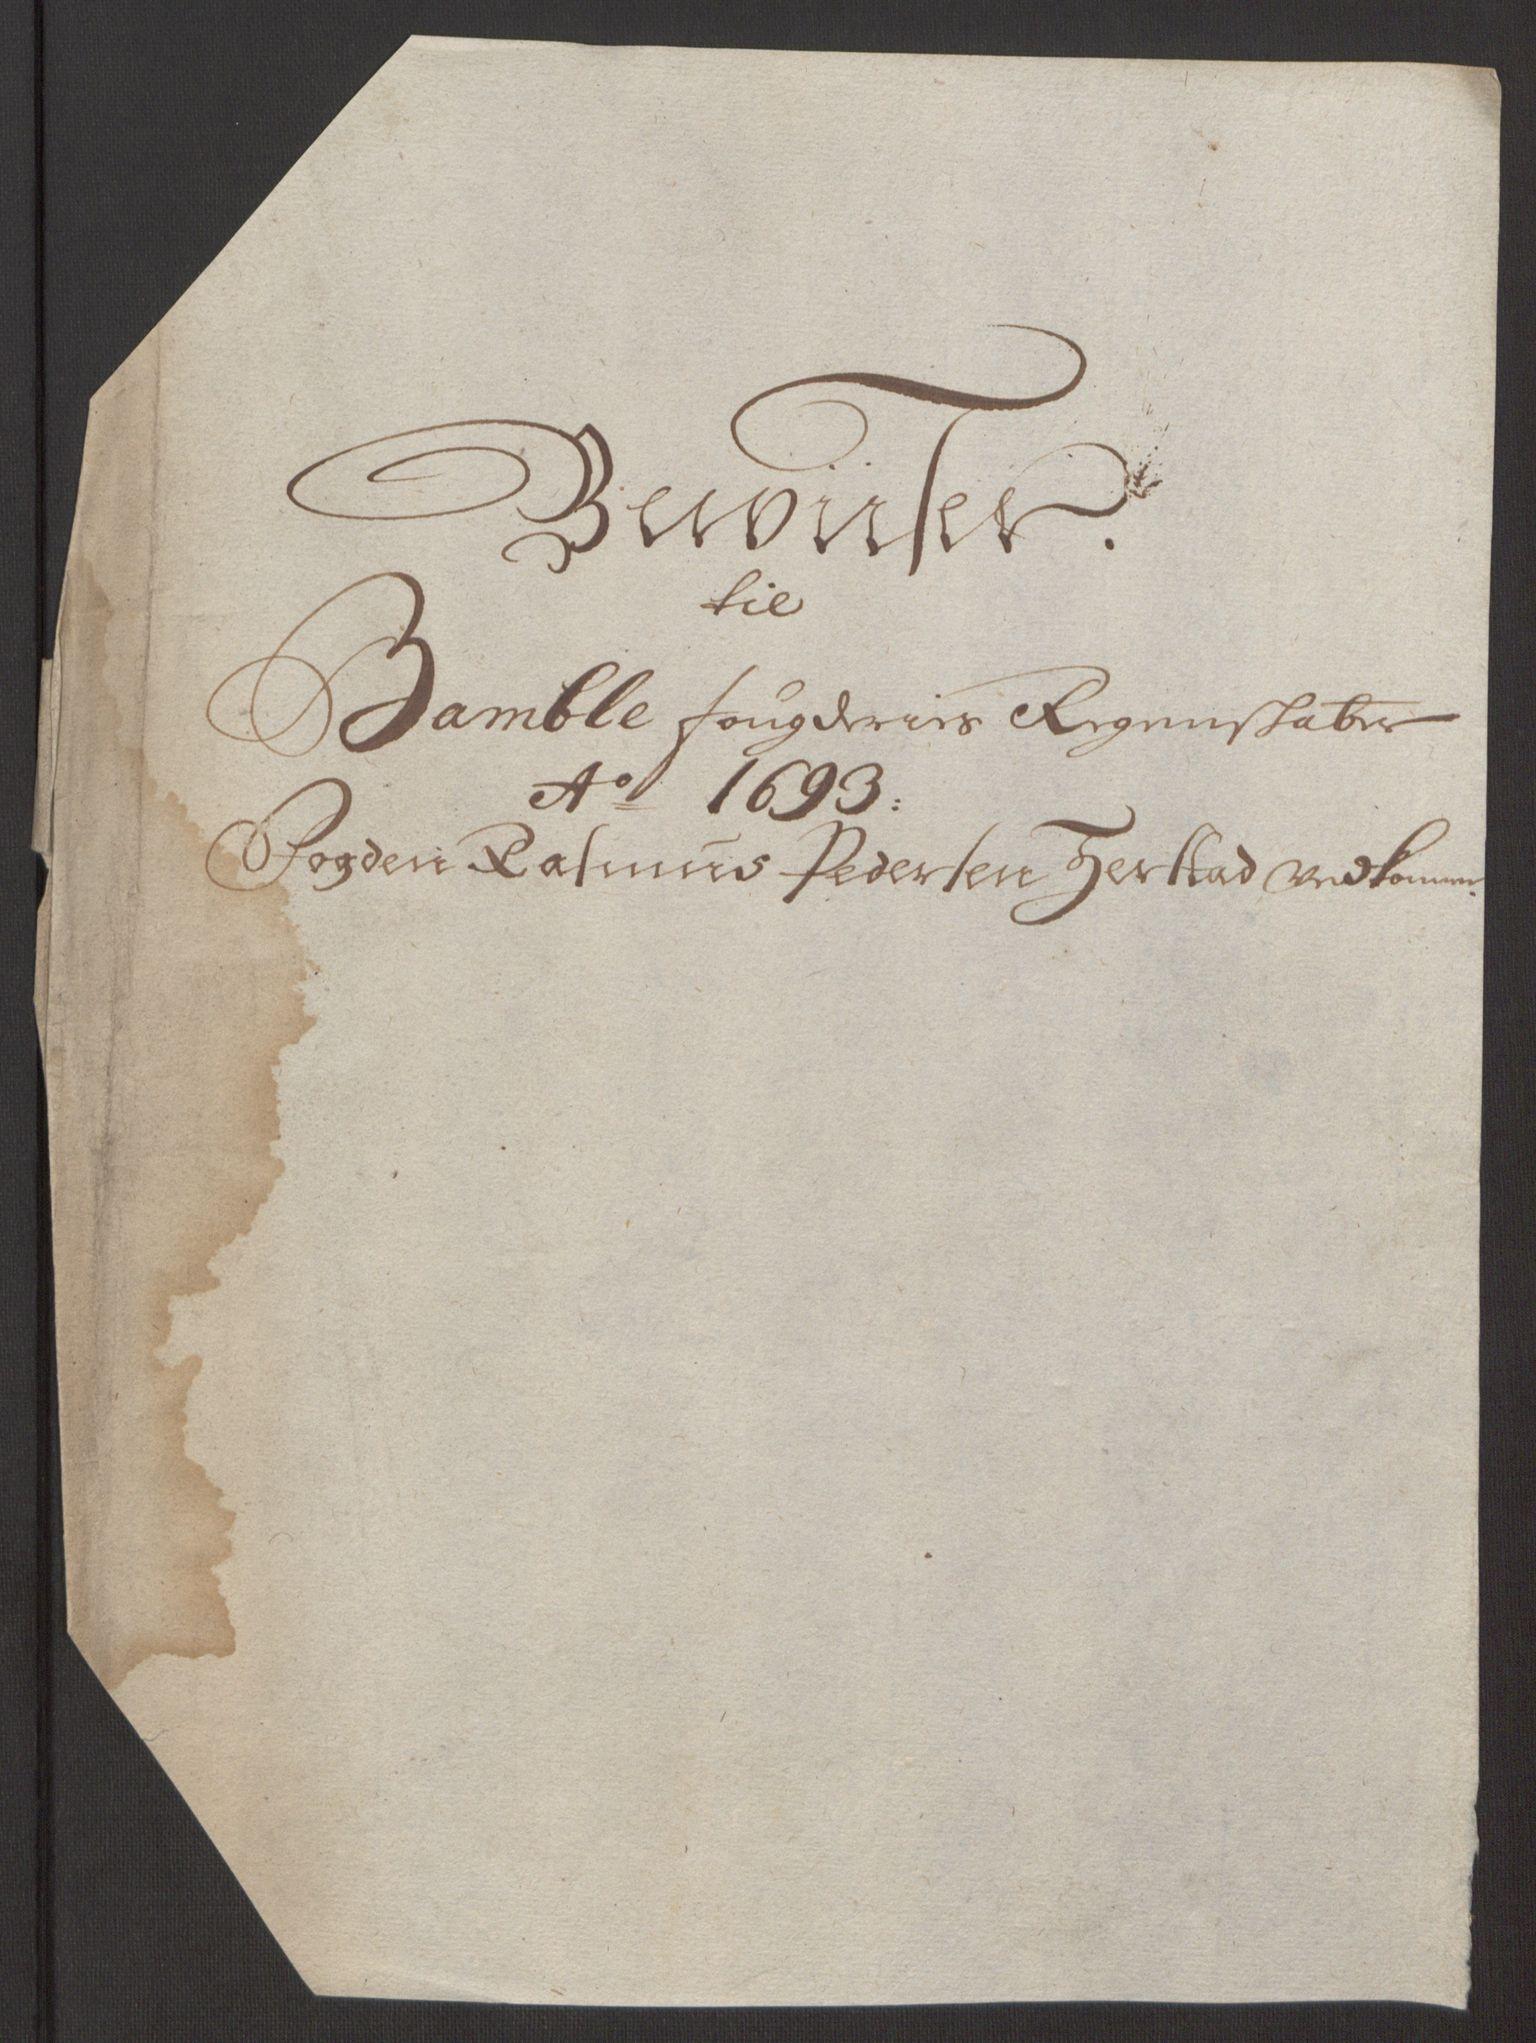 RA, Rentekammeret inntil 1814, Reviderte regnskaper, Fogderegnskap, R34/L2052: Fogderegnskap Bamble, 1692-1693, s. 367